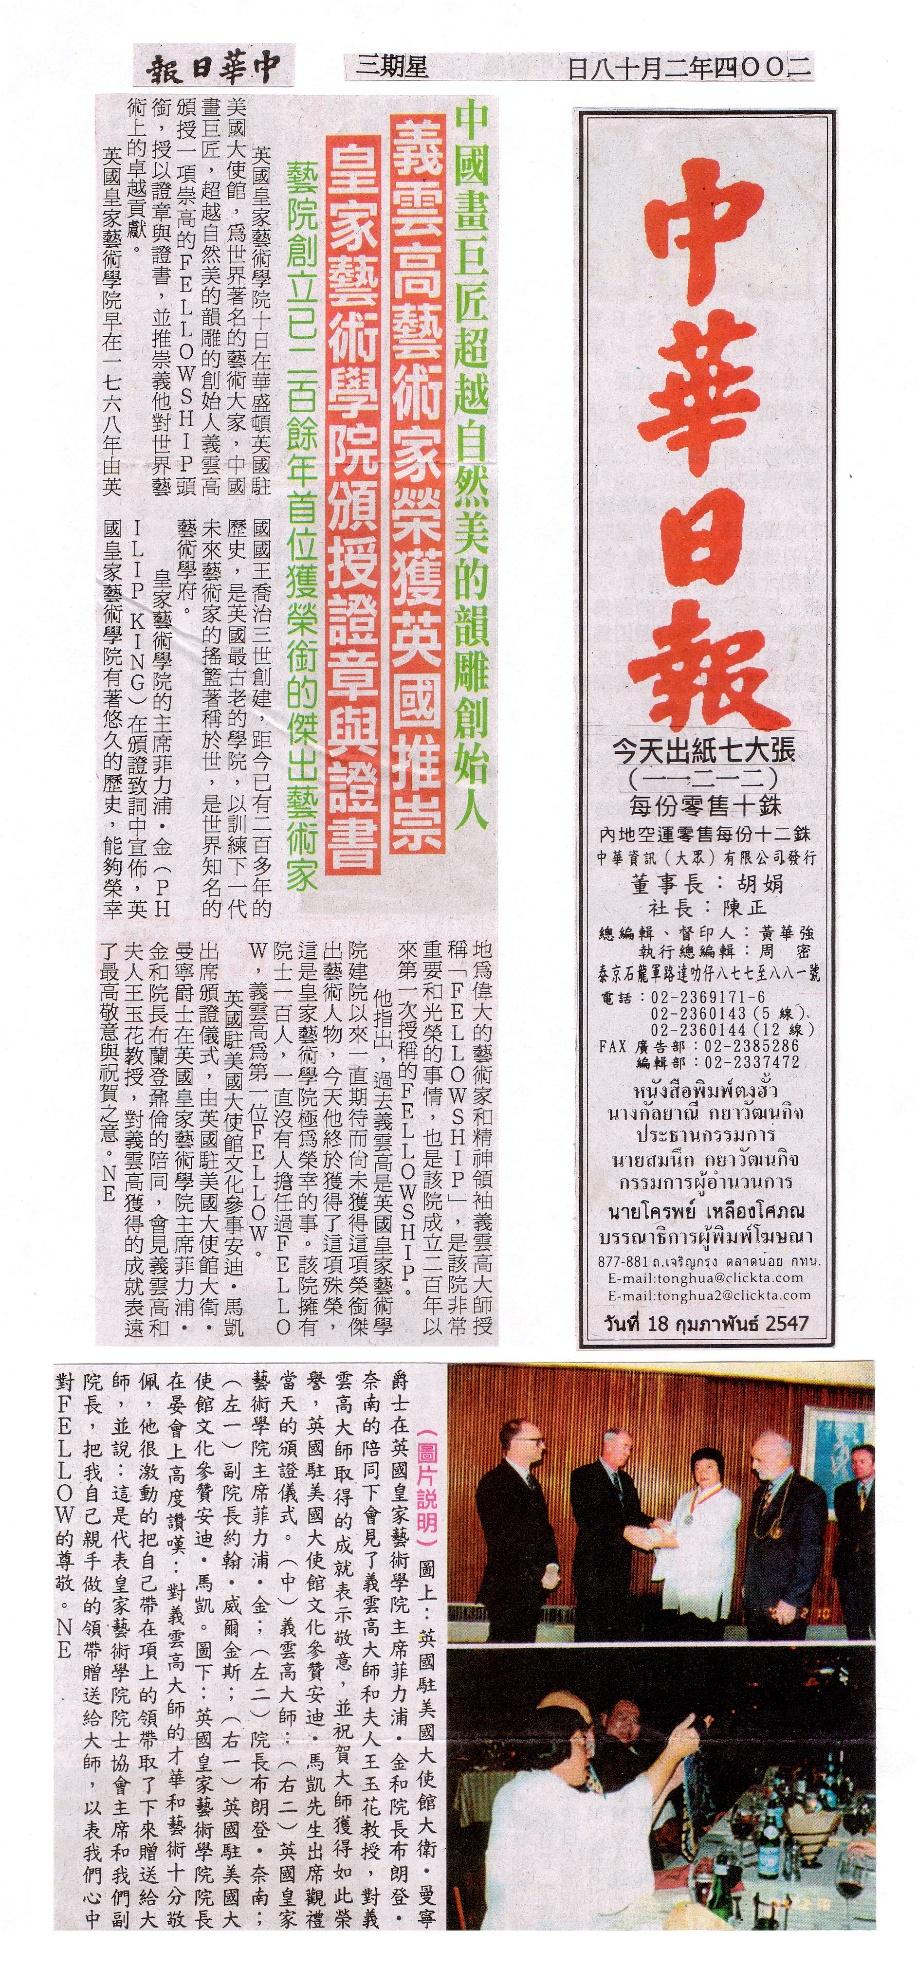 义云高艺术家荣获英国推崇  皇家艺术学院颁授证章与证书 第2张